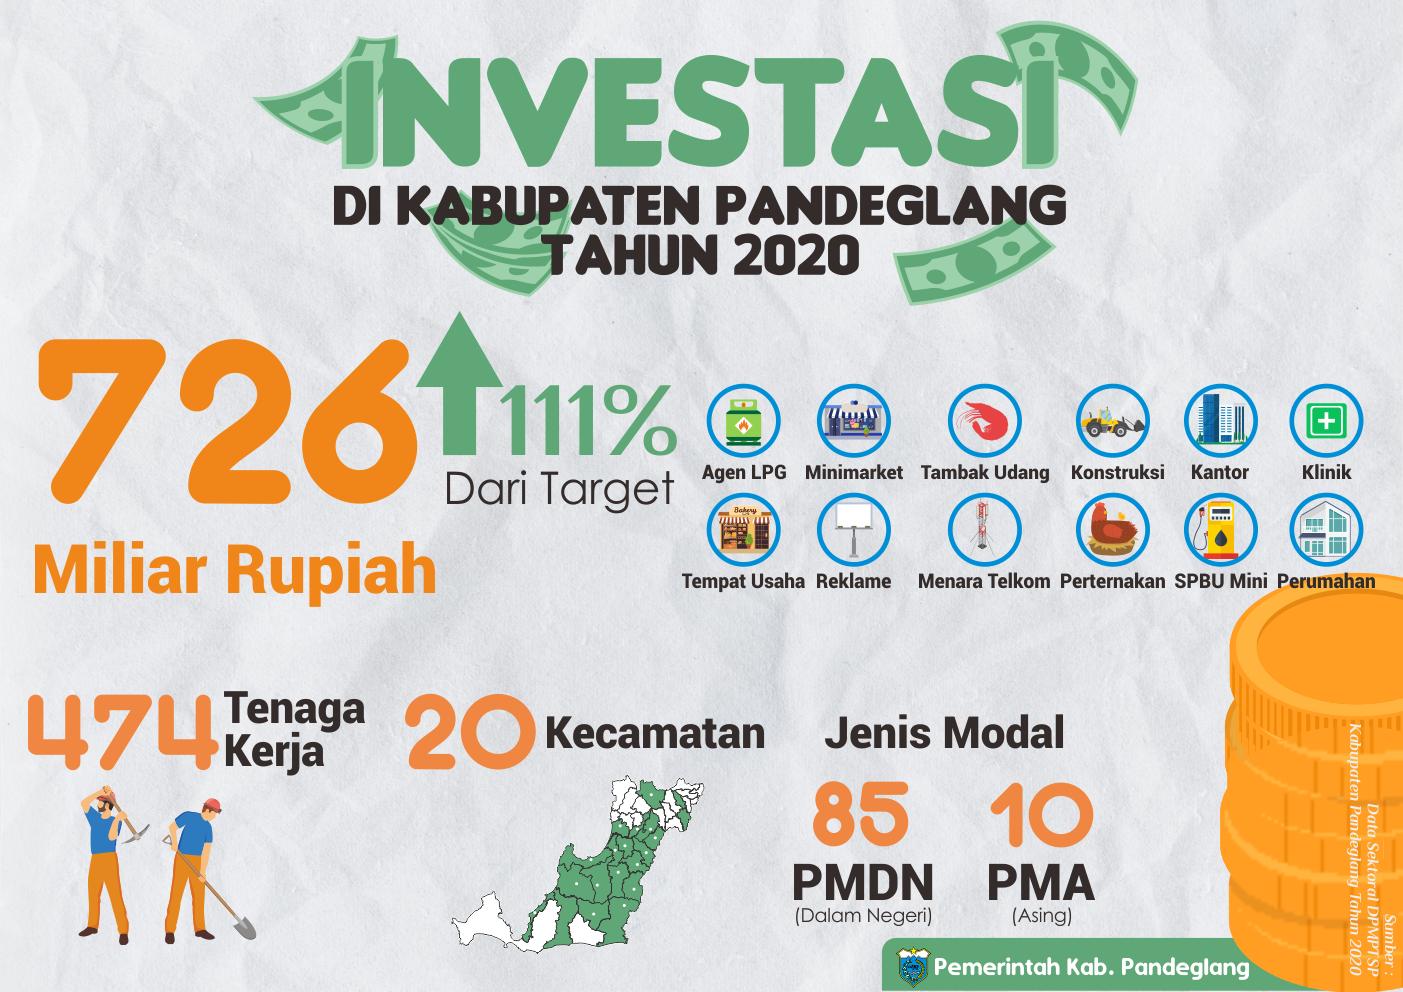 Investasi di Kabupaten Pandeglang Tahun 2020